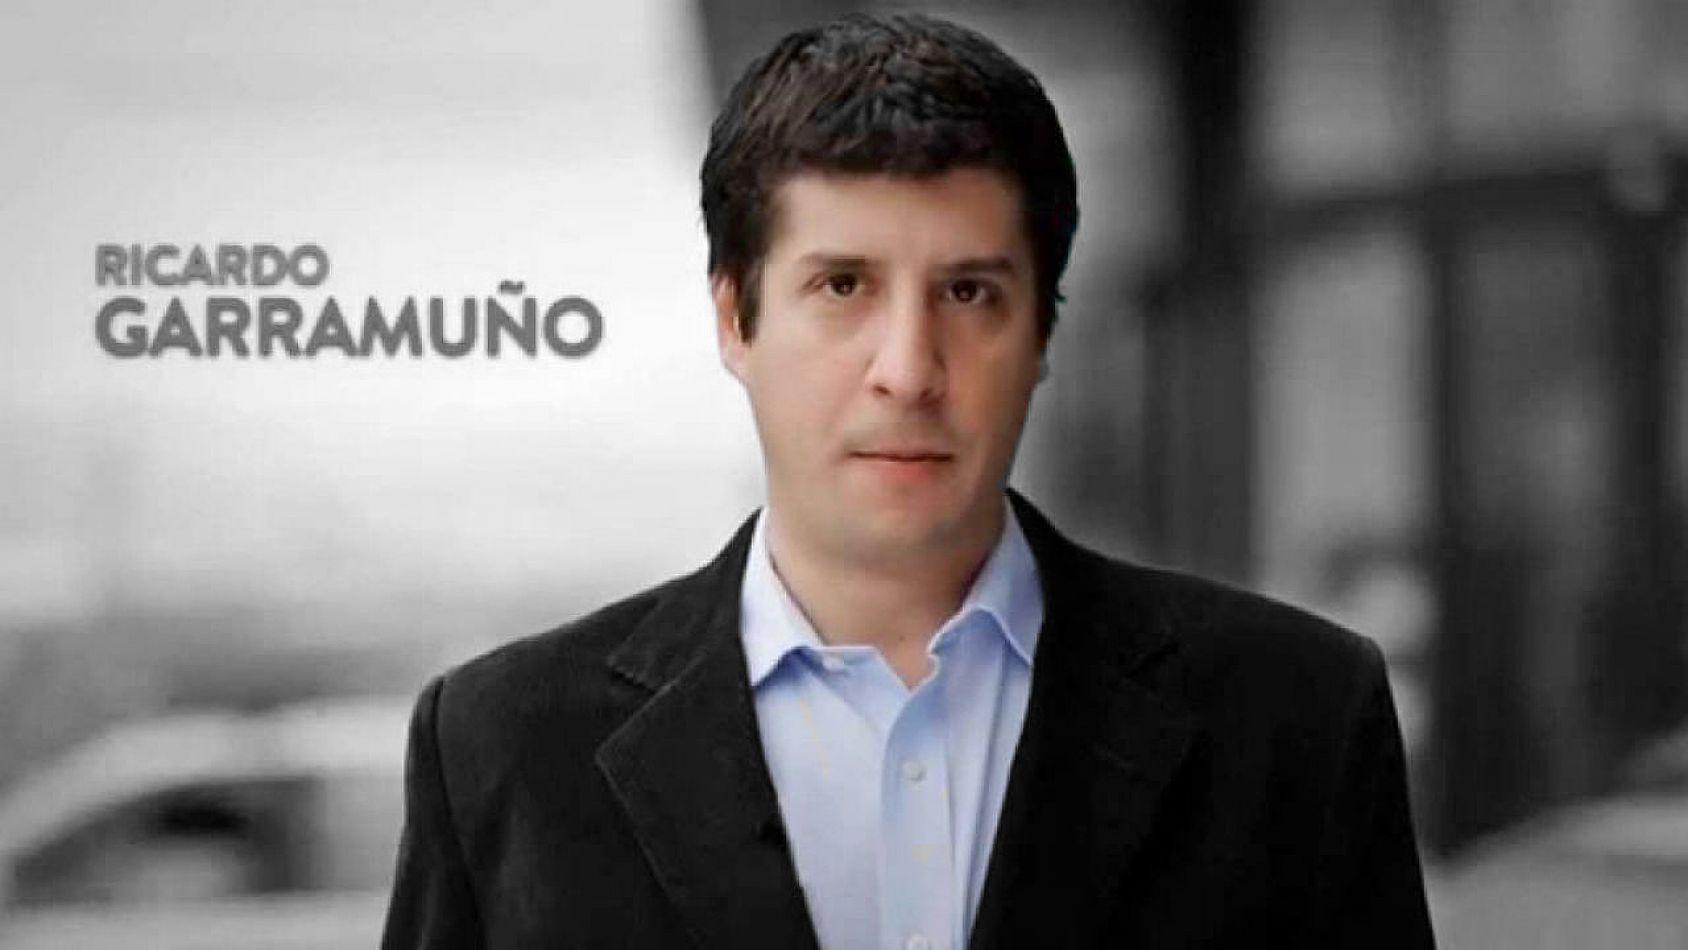 Ricardo Garramuño, actual concejal de la ciudad de Ushuaia por el Mopof.